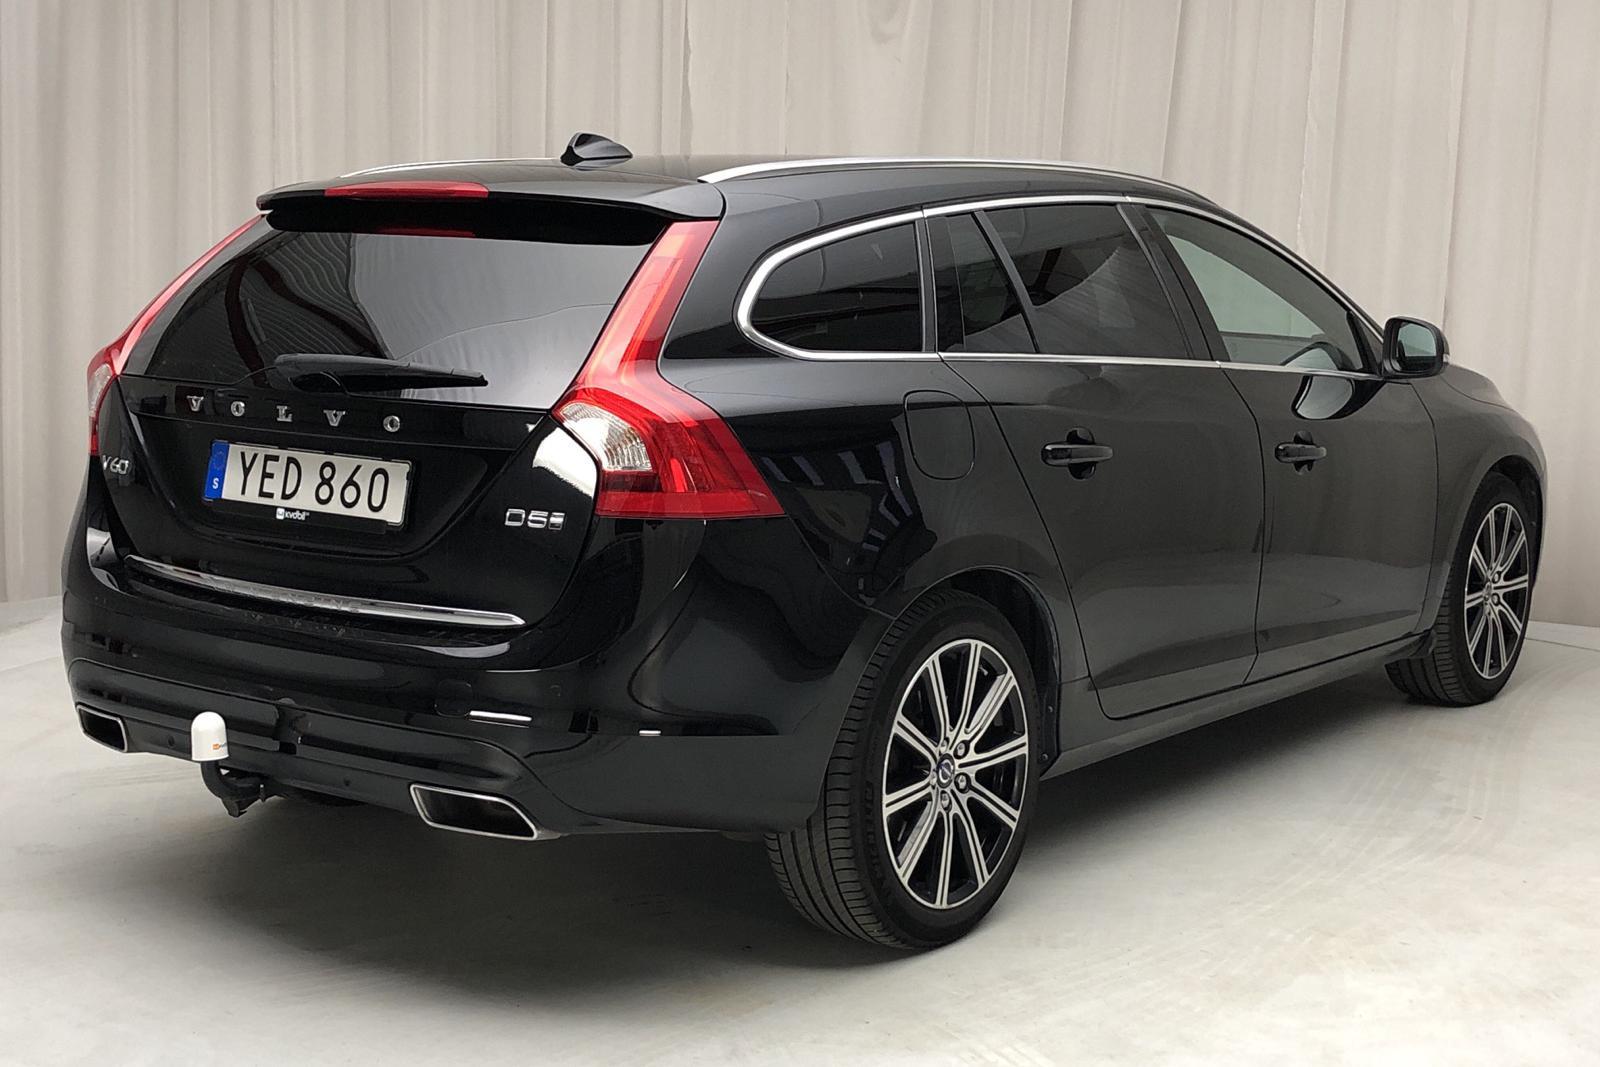 Volvo V60 D5 AWD Twin Engine (163hk) - 6 900 mil - Automat - svart - 2017